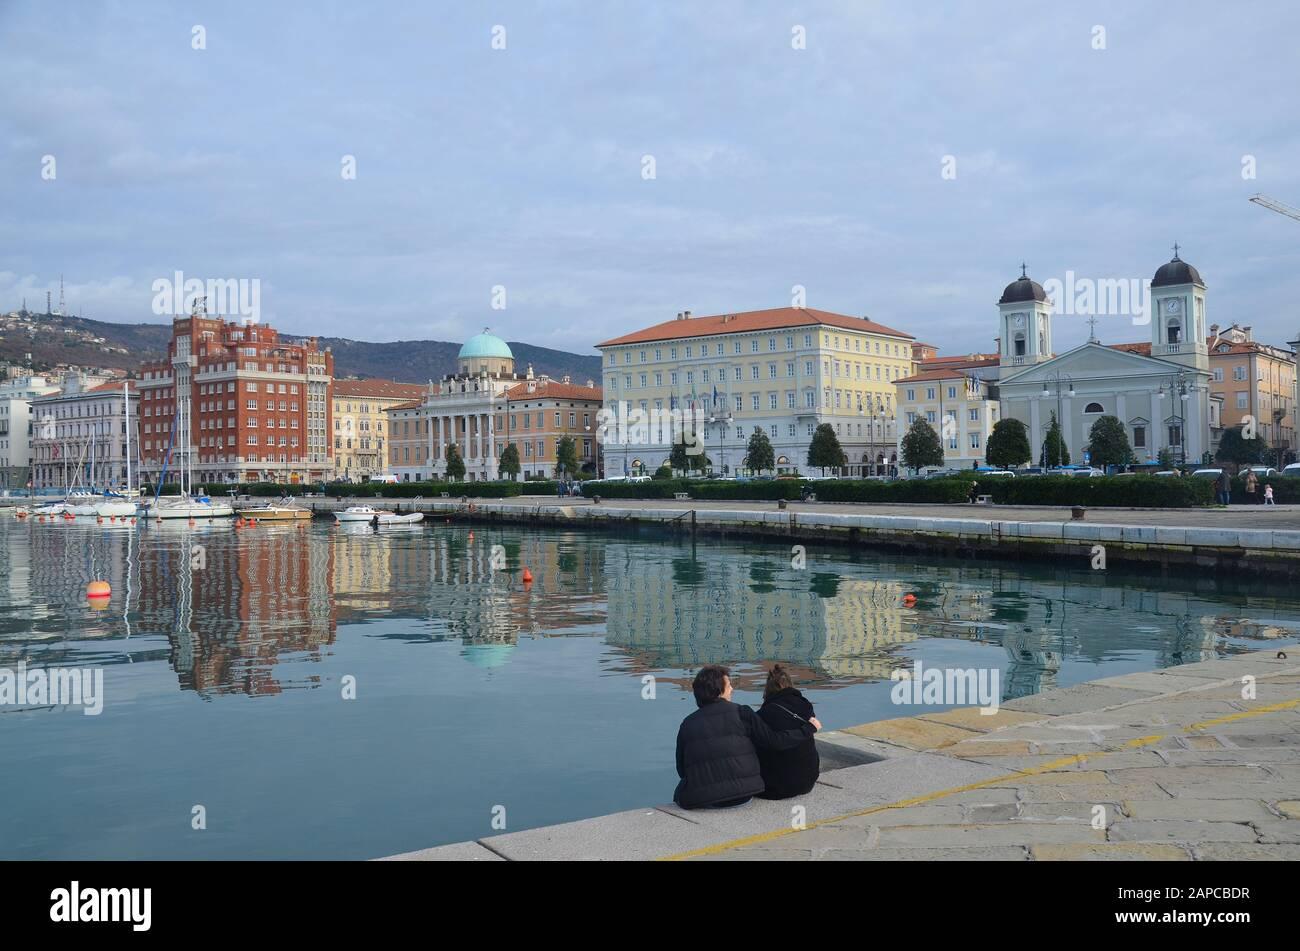 Trieste, Italien: Hafenstadt an der Adria: Am Hafen, mit griechisch-orthodoxer Kirche Stock Photo